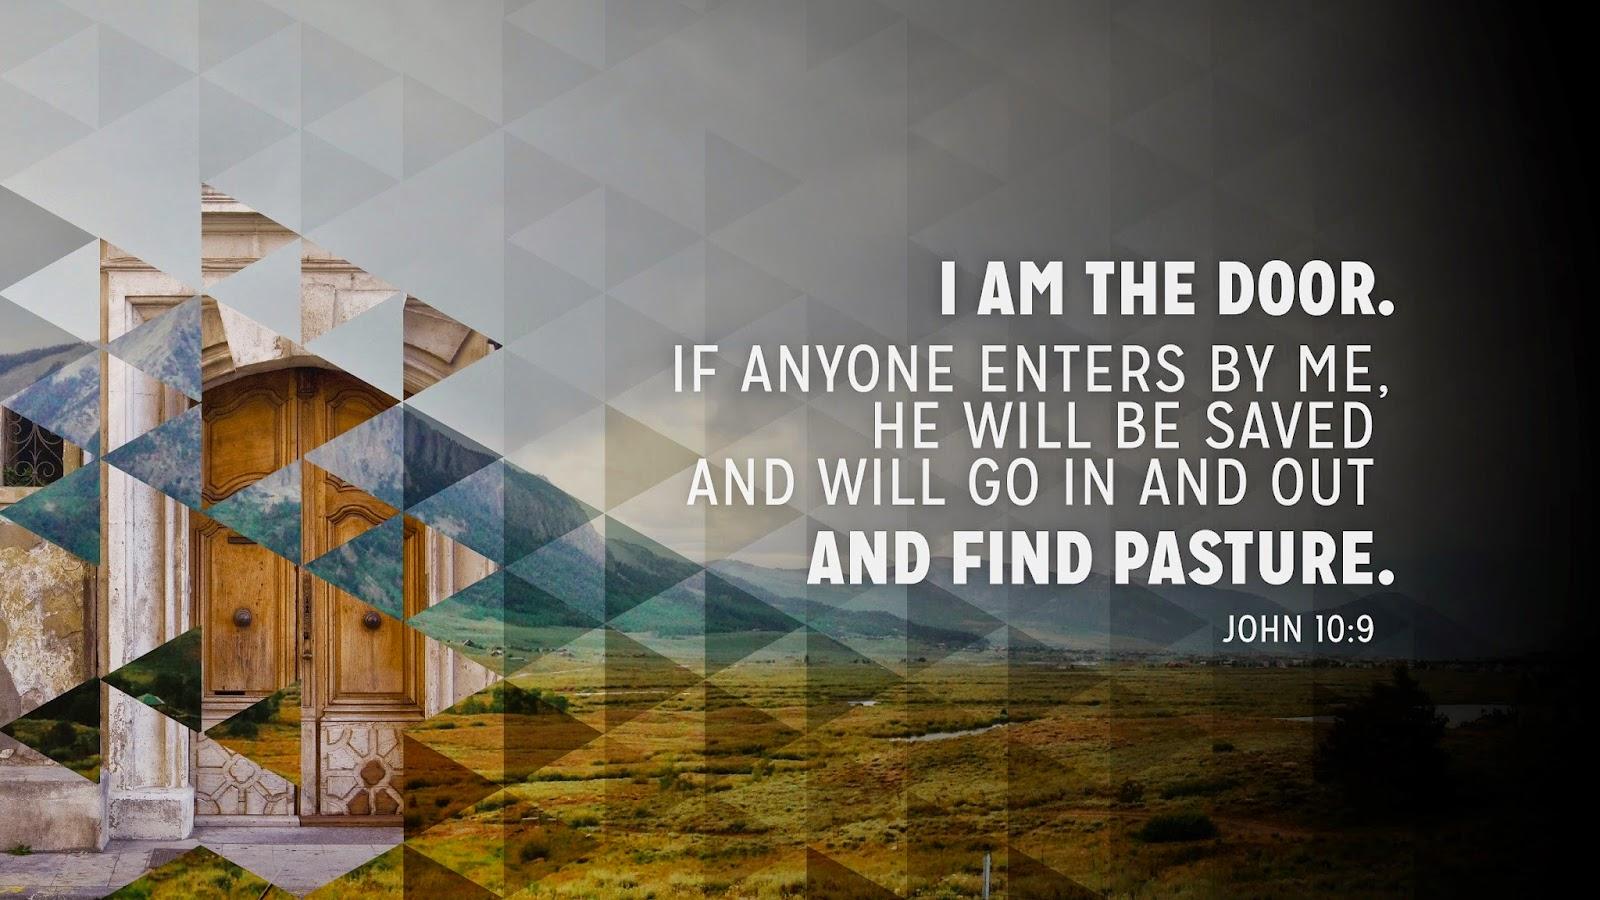 John 10:9 door of the sheep